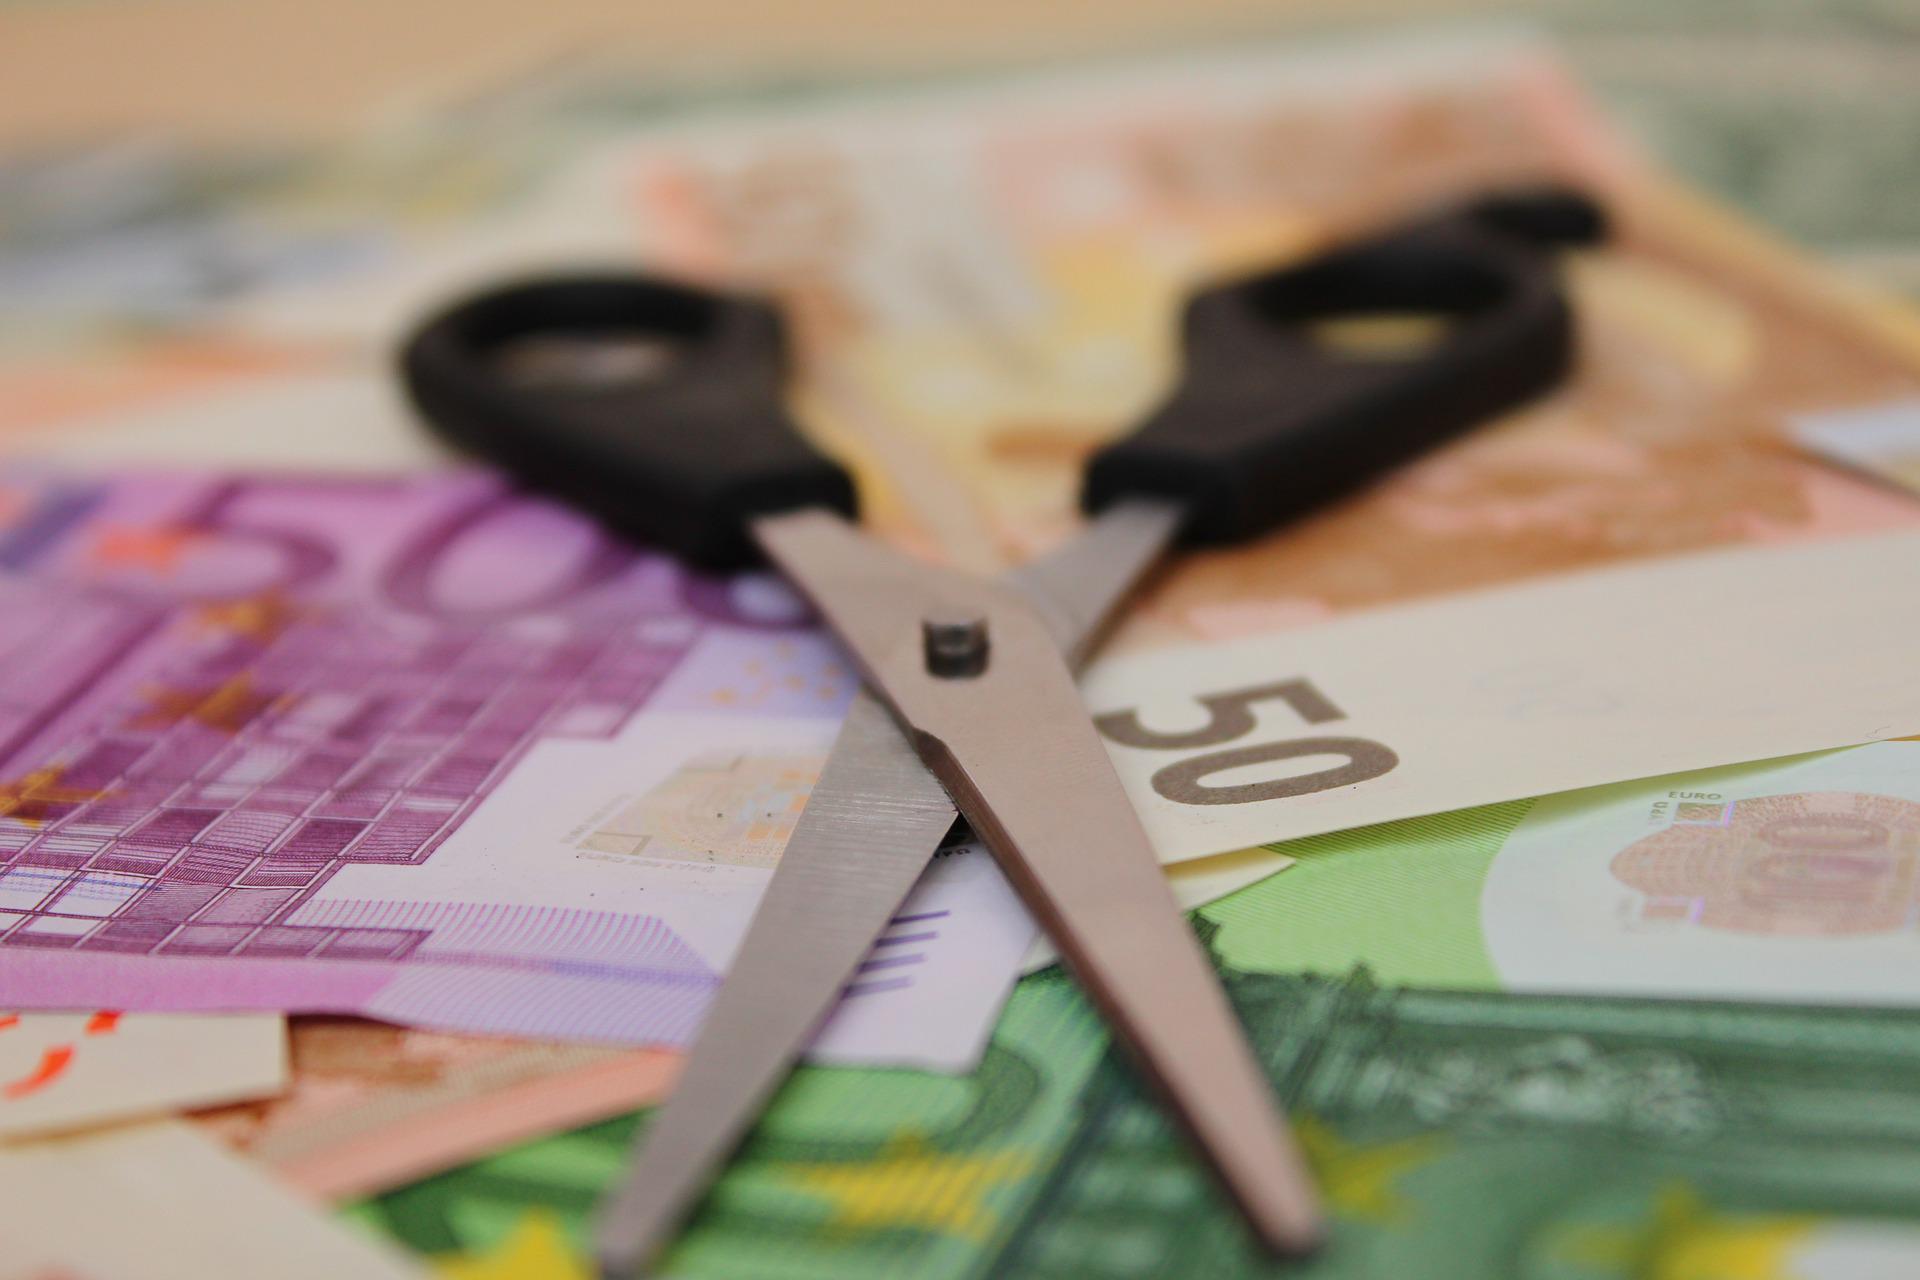 Кипр уведомил о применении пониженной ставки НДС